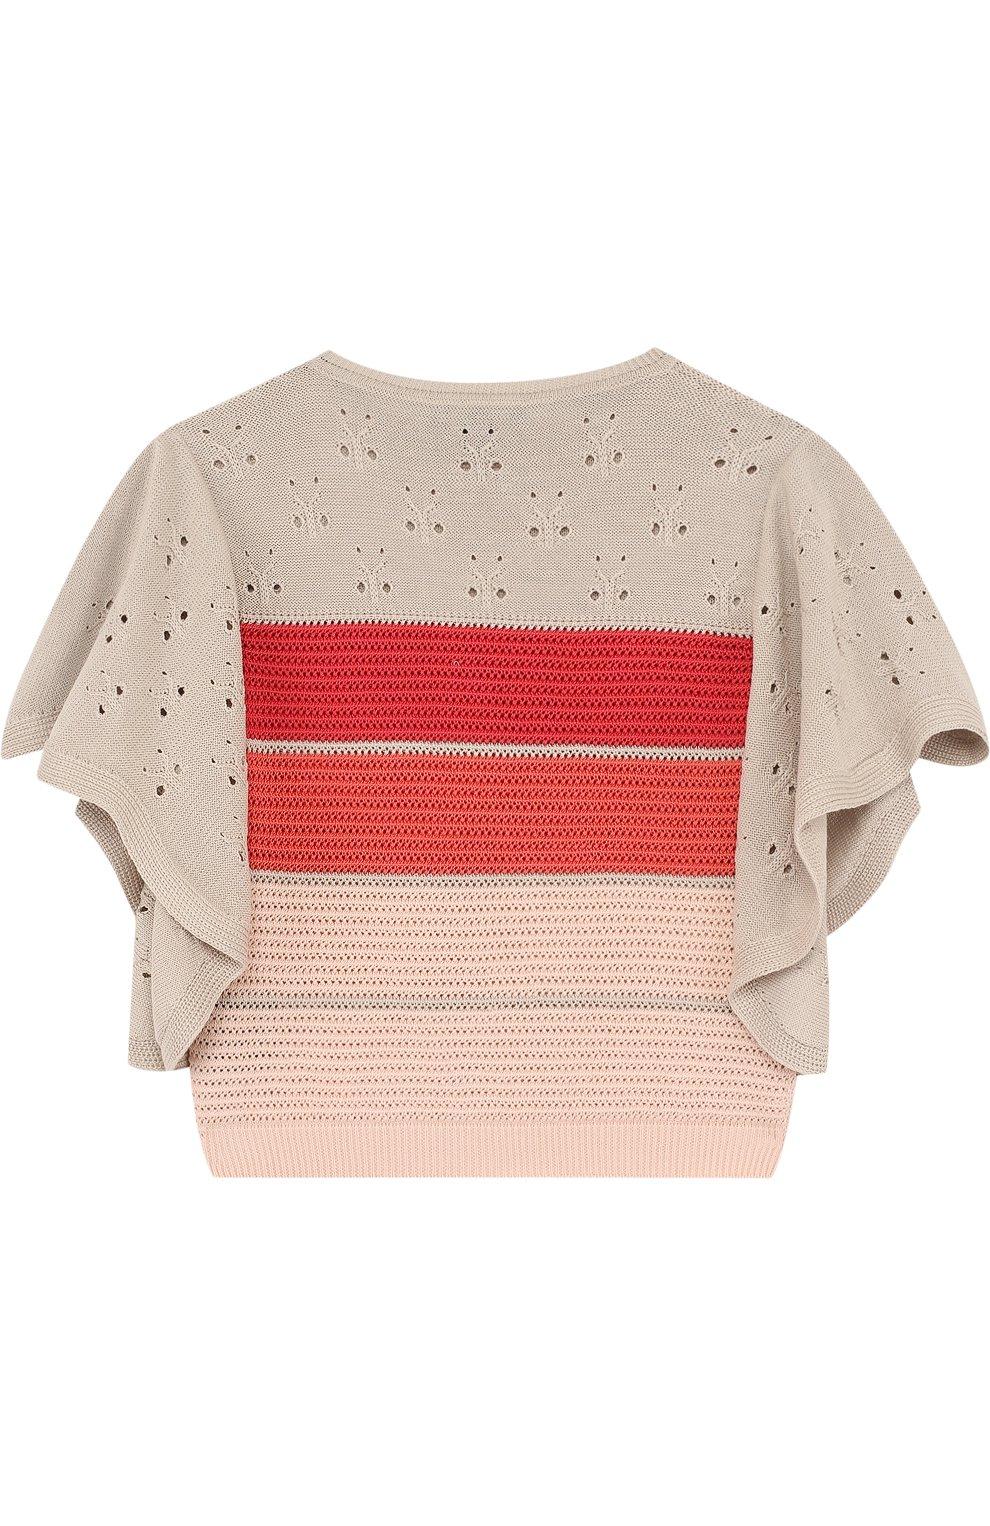 Детский топ из смеси хлопка и шелка фактурной вязки с расклешенными рукавами LORO PIANA розового цвета, арт. FAI0626 | Фото 2